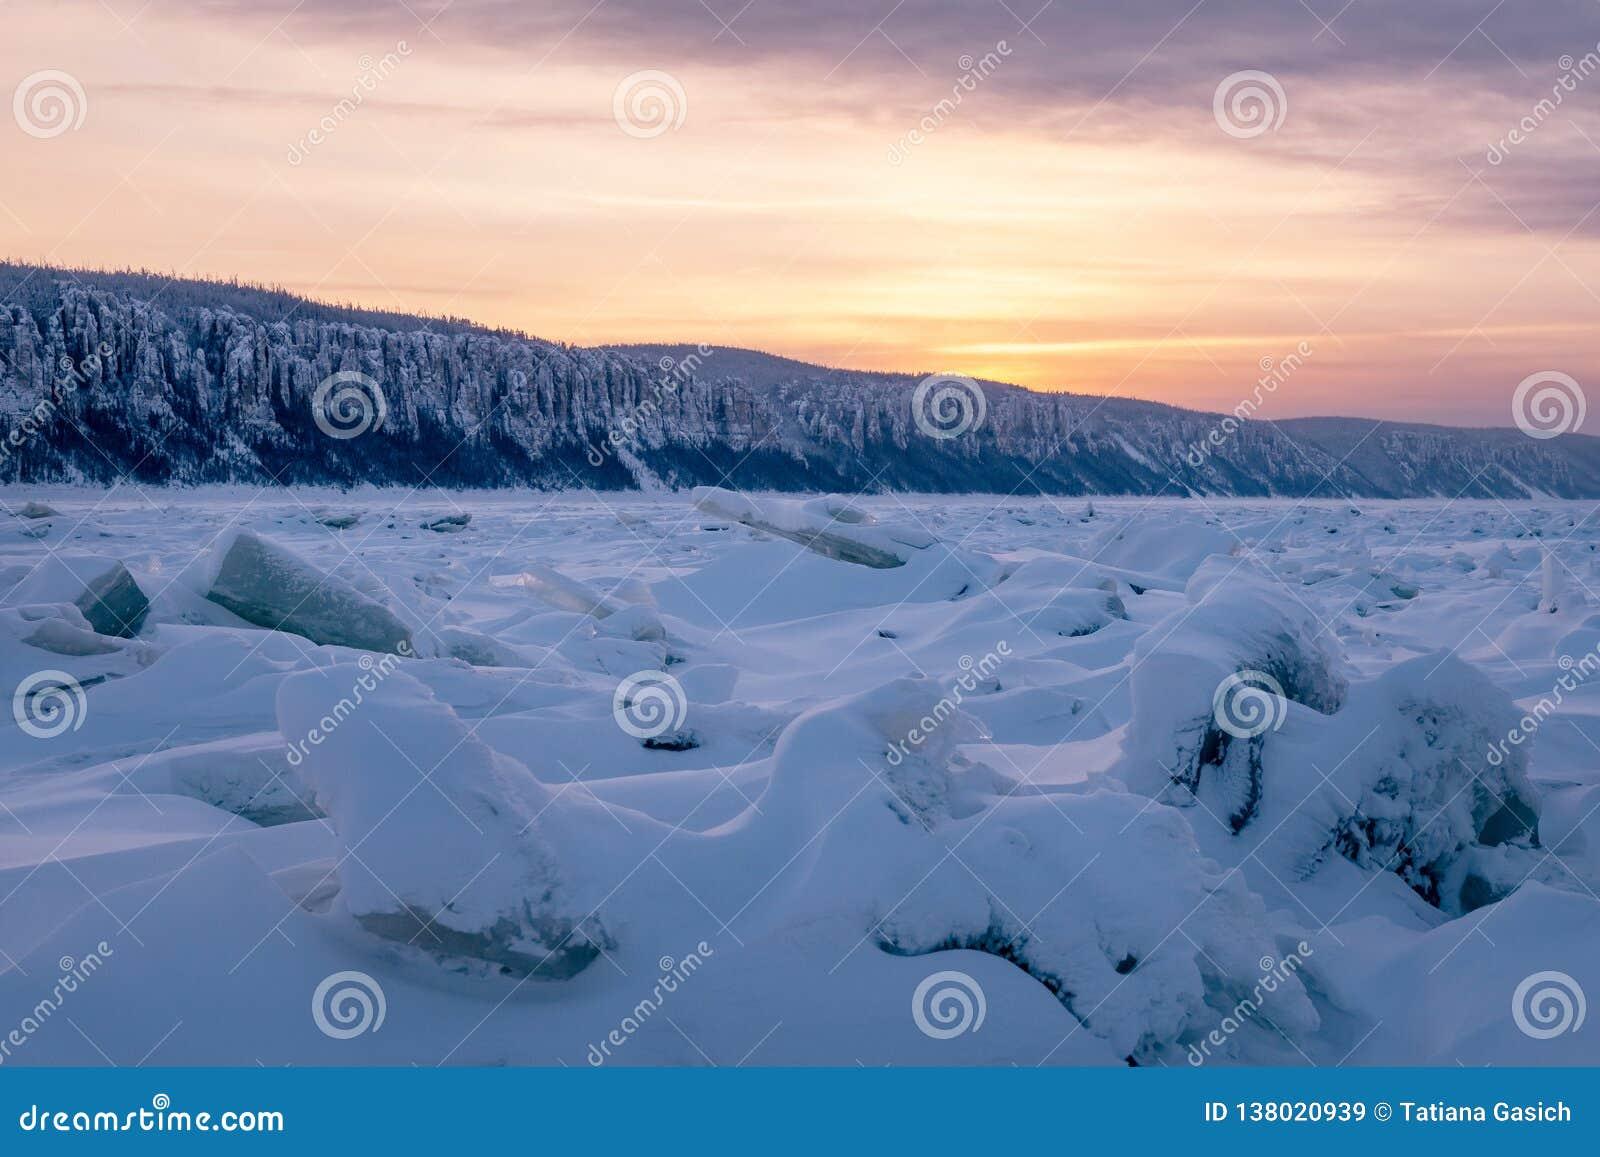 De winterlandschap in purpere tonen met geribbeld ijs op de bevroren rivier